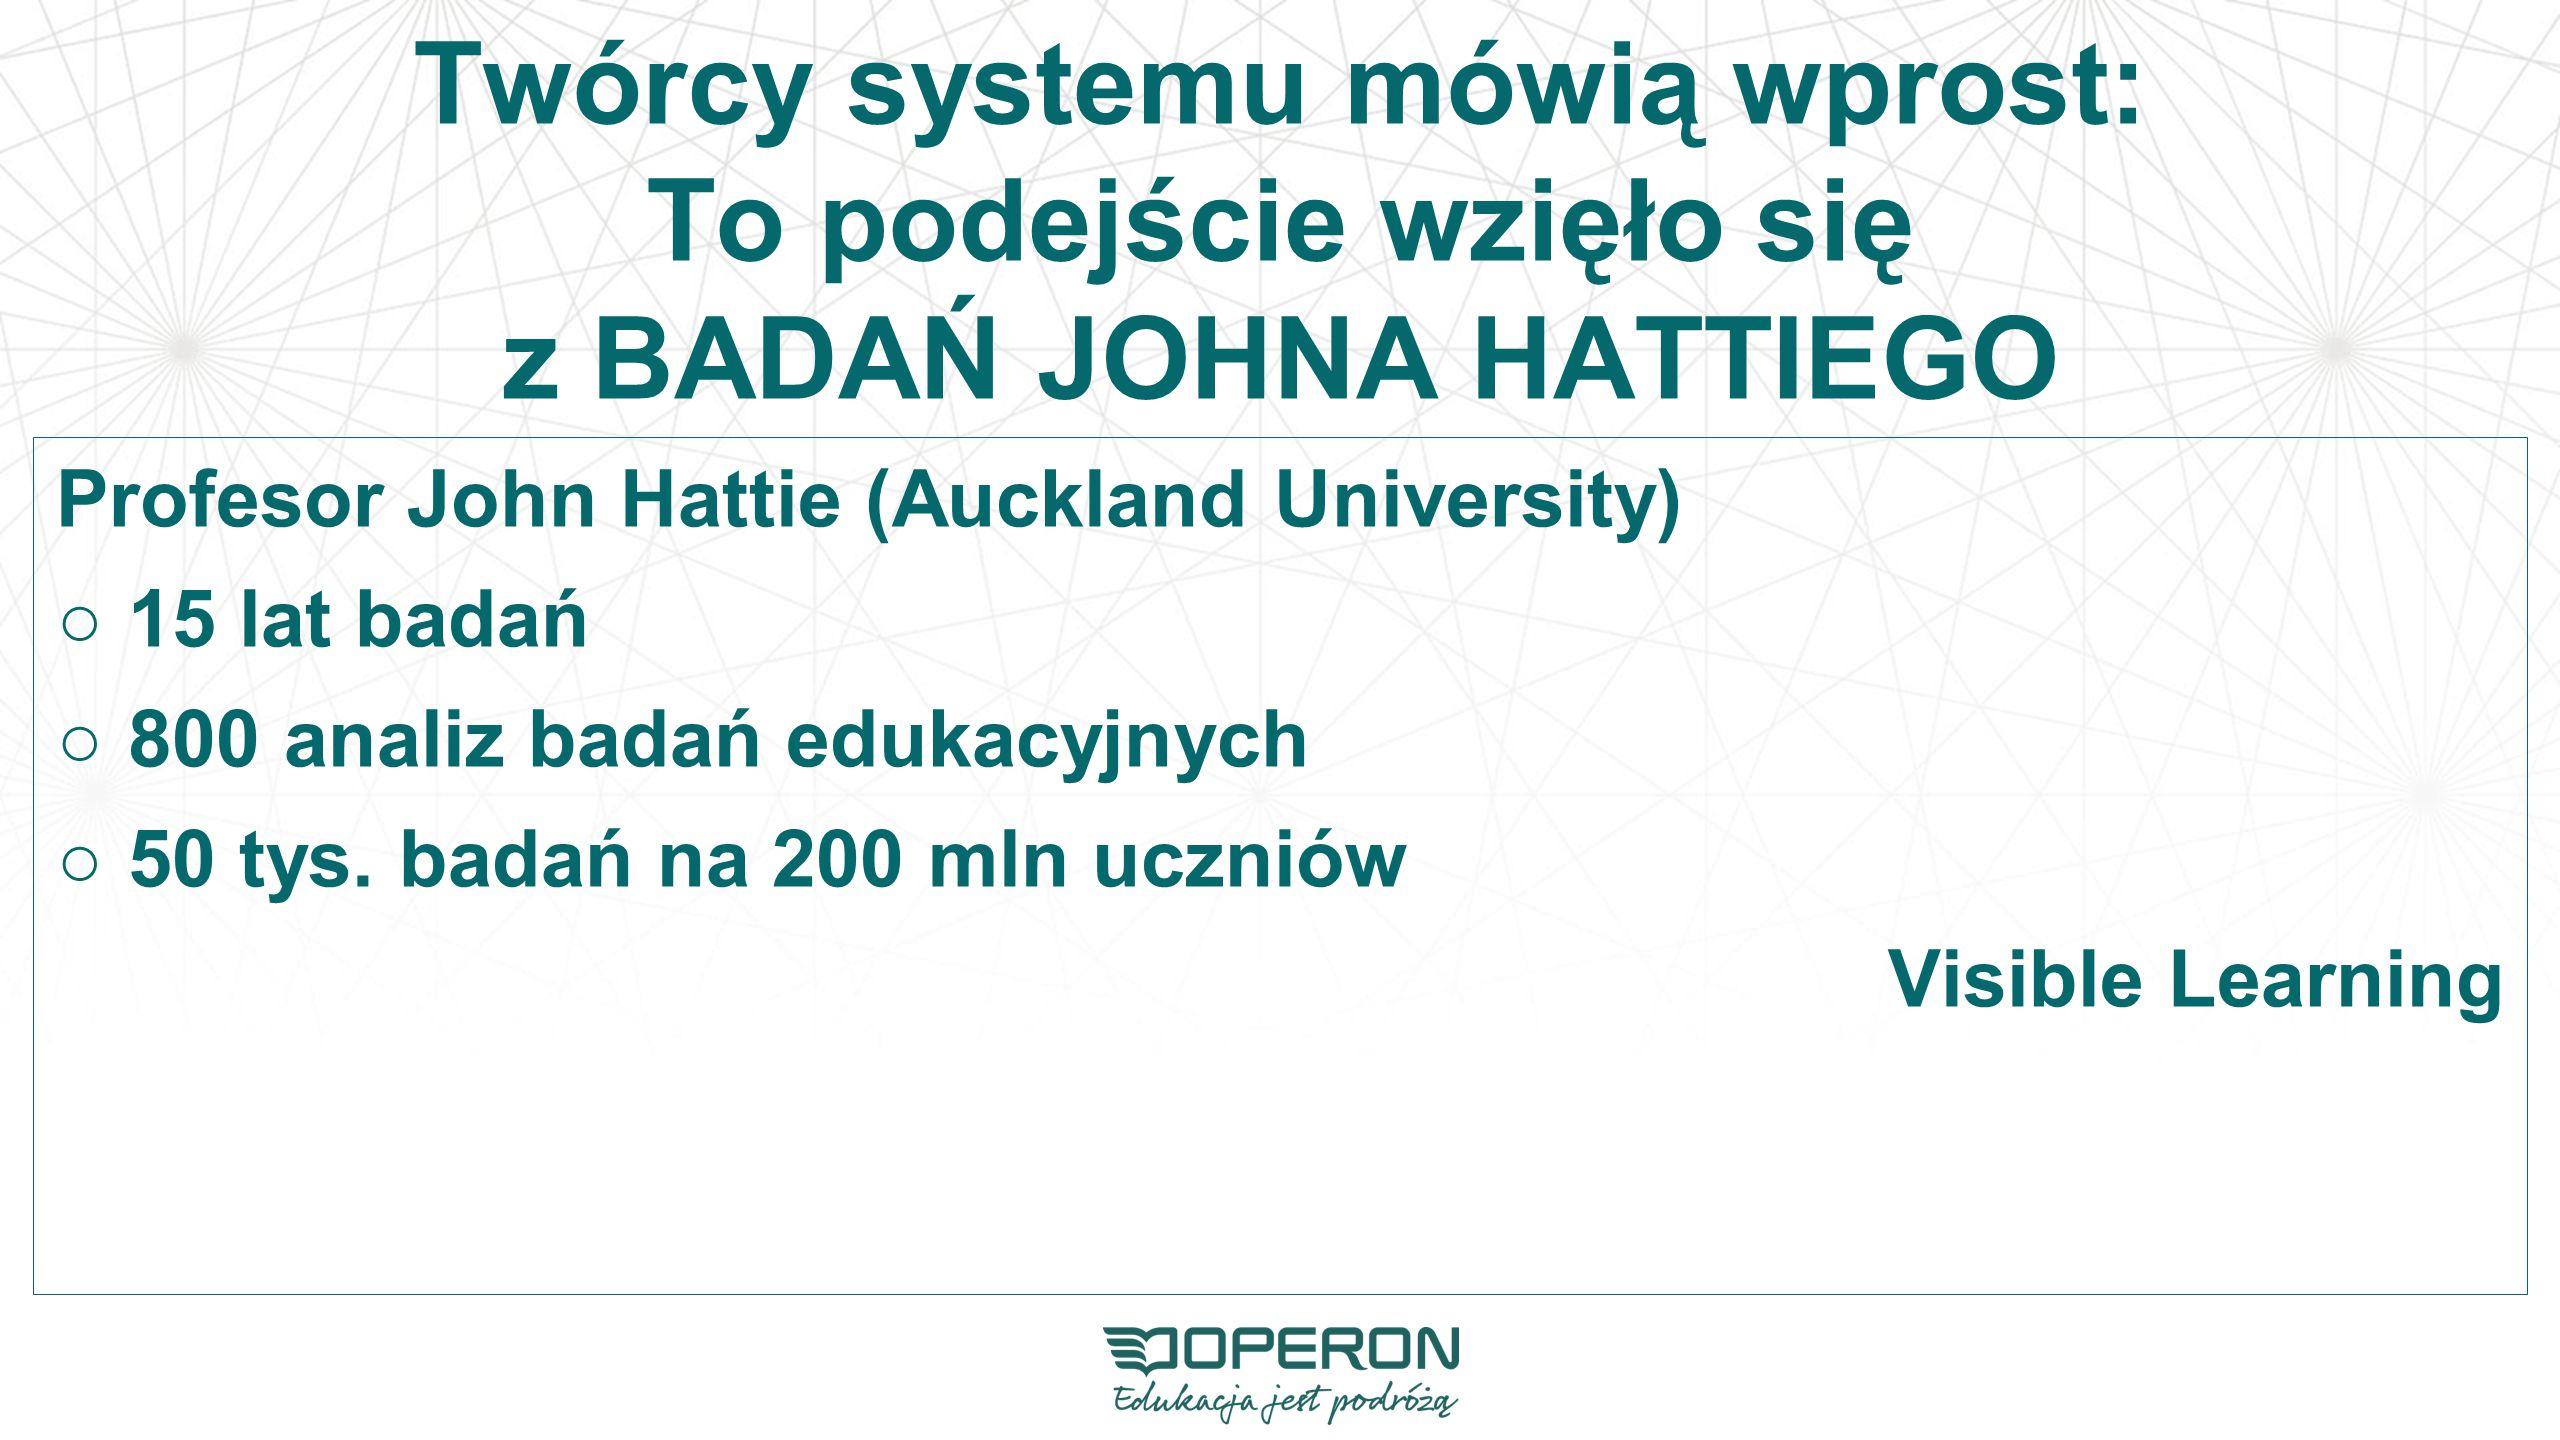 Twórcy systemu mówią wprost: To podejście wzięło się z BADAŃ JOHNA HATTIEGO Profesor John Hattie (Auckland University) ○15 lat badań ○800 analiz badań edukacyjnych ○50 tys.